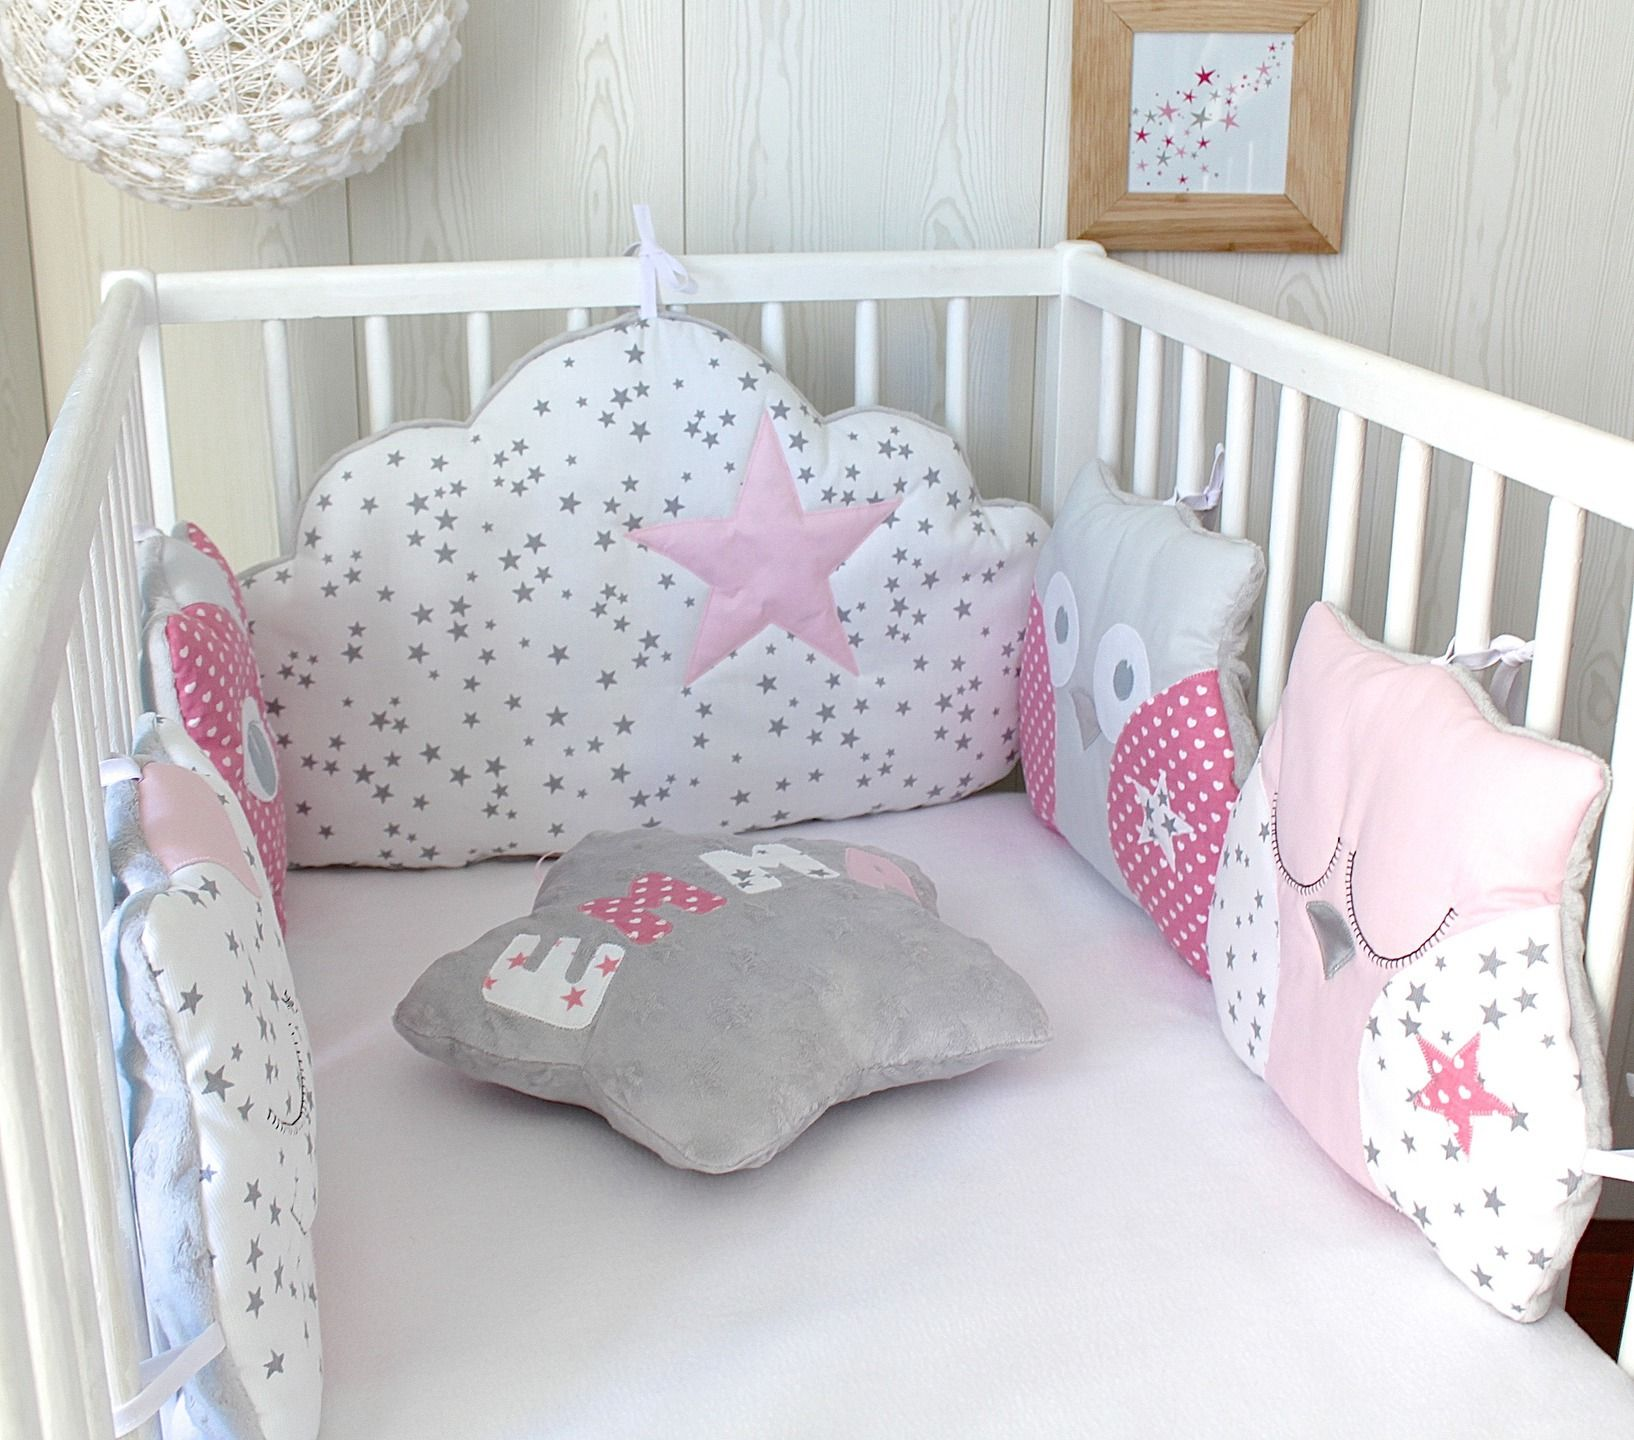 Tour de lit 5 coussins chat et hibou ou chouette tons roses et gris linge de lit enfants par - Tour de lit et gigoteuse fille ...